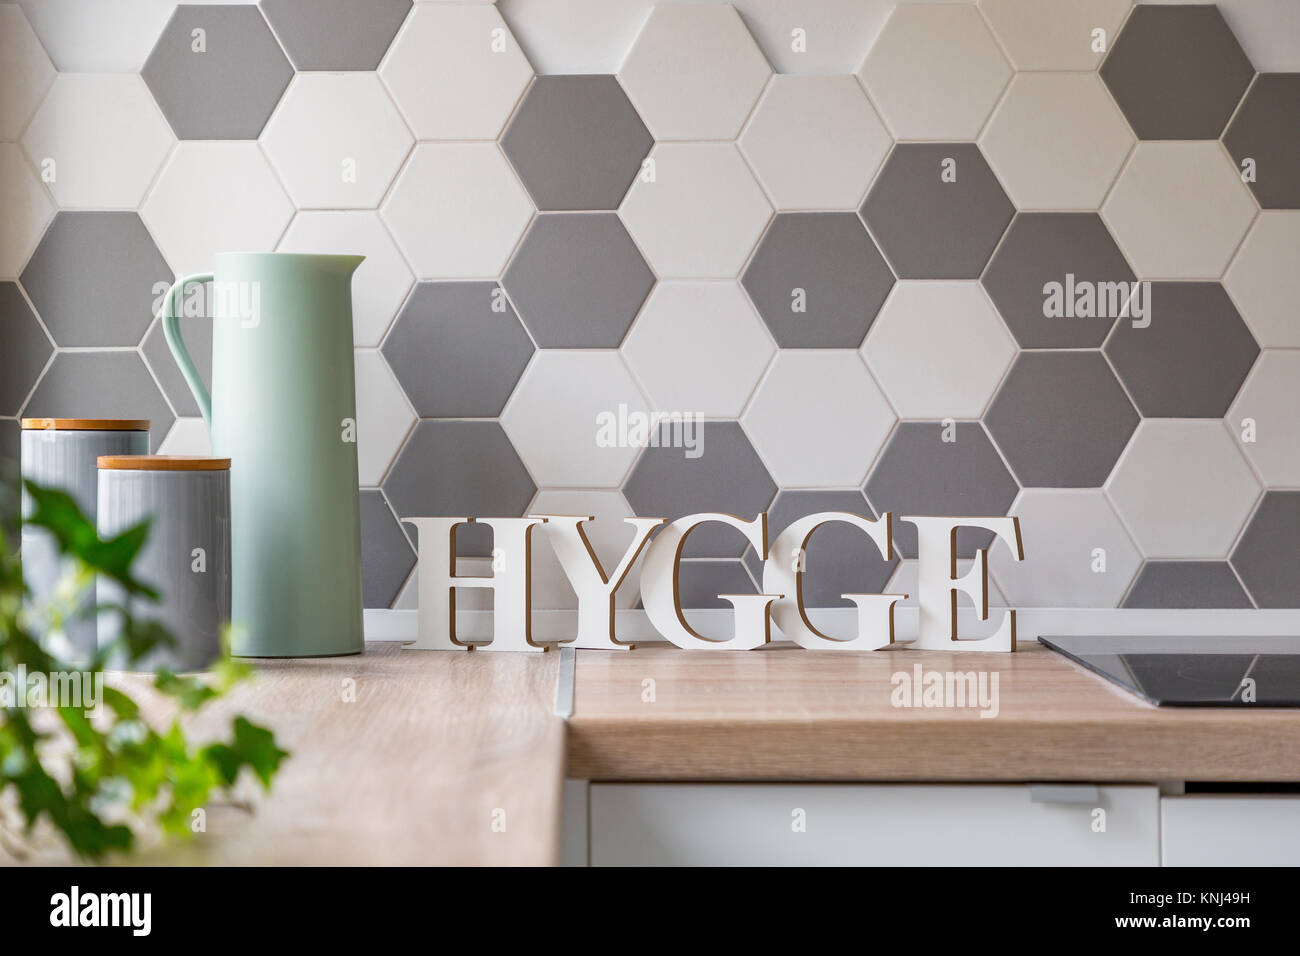 Cucina moderna con interni in stile scandinavo con bancone in